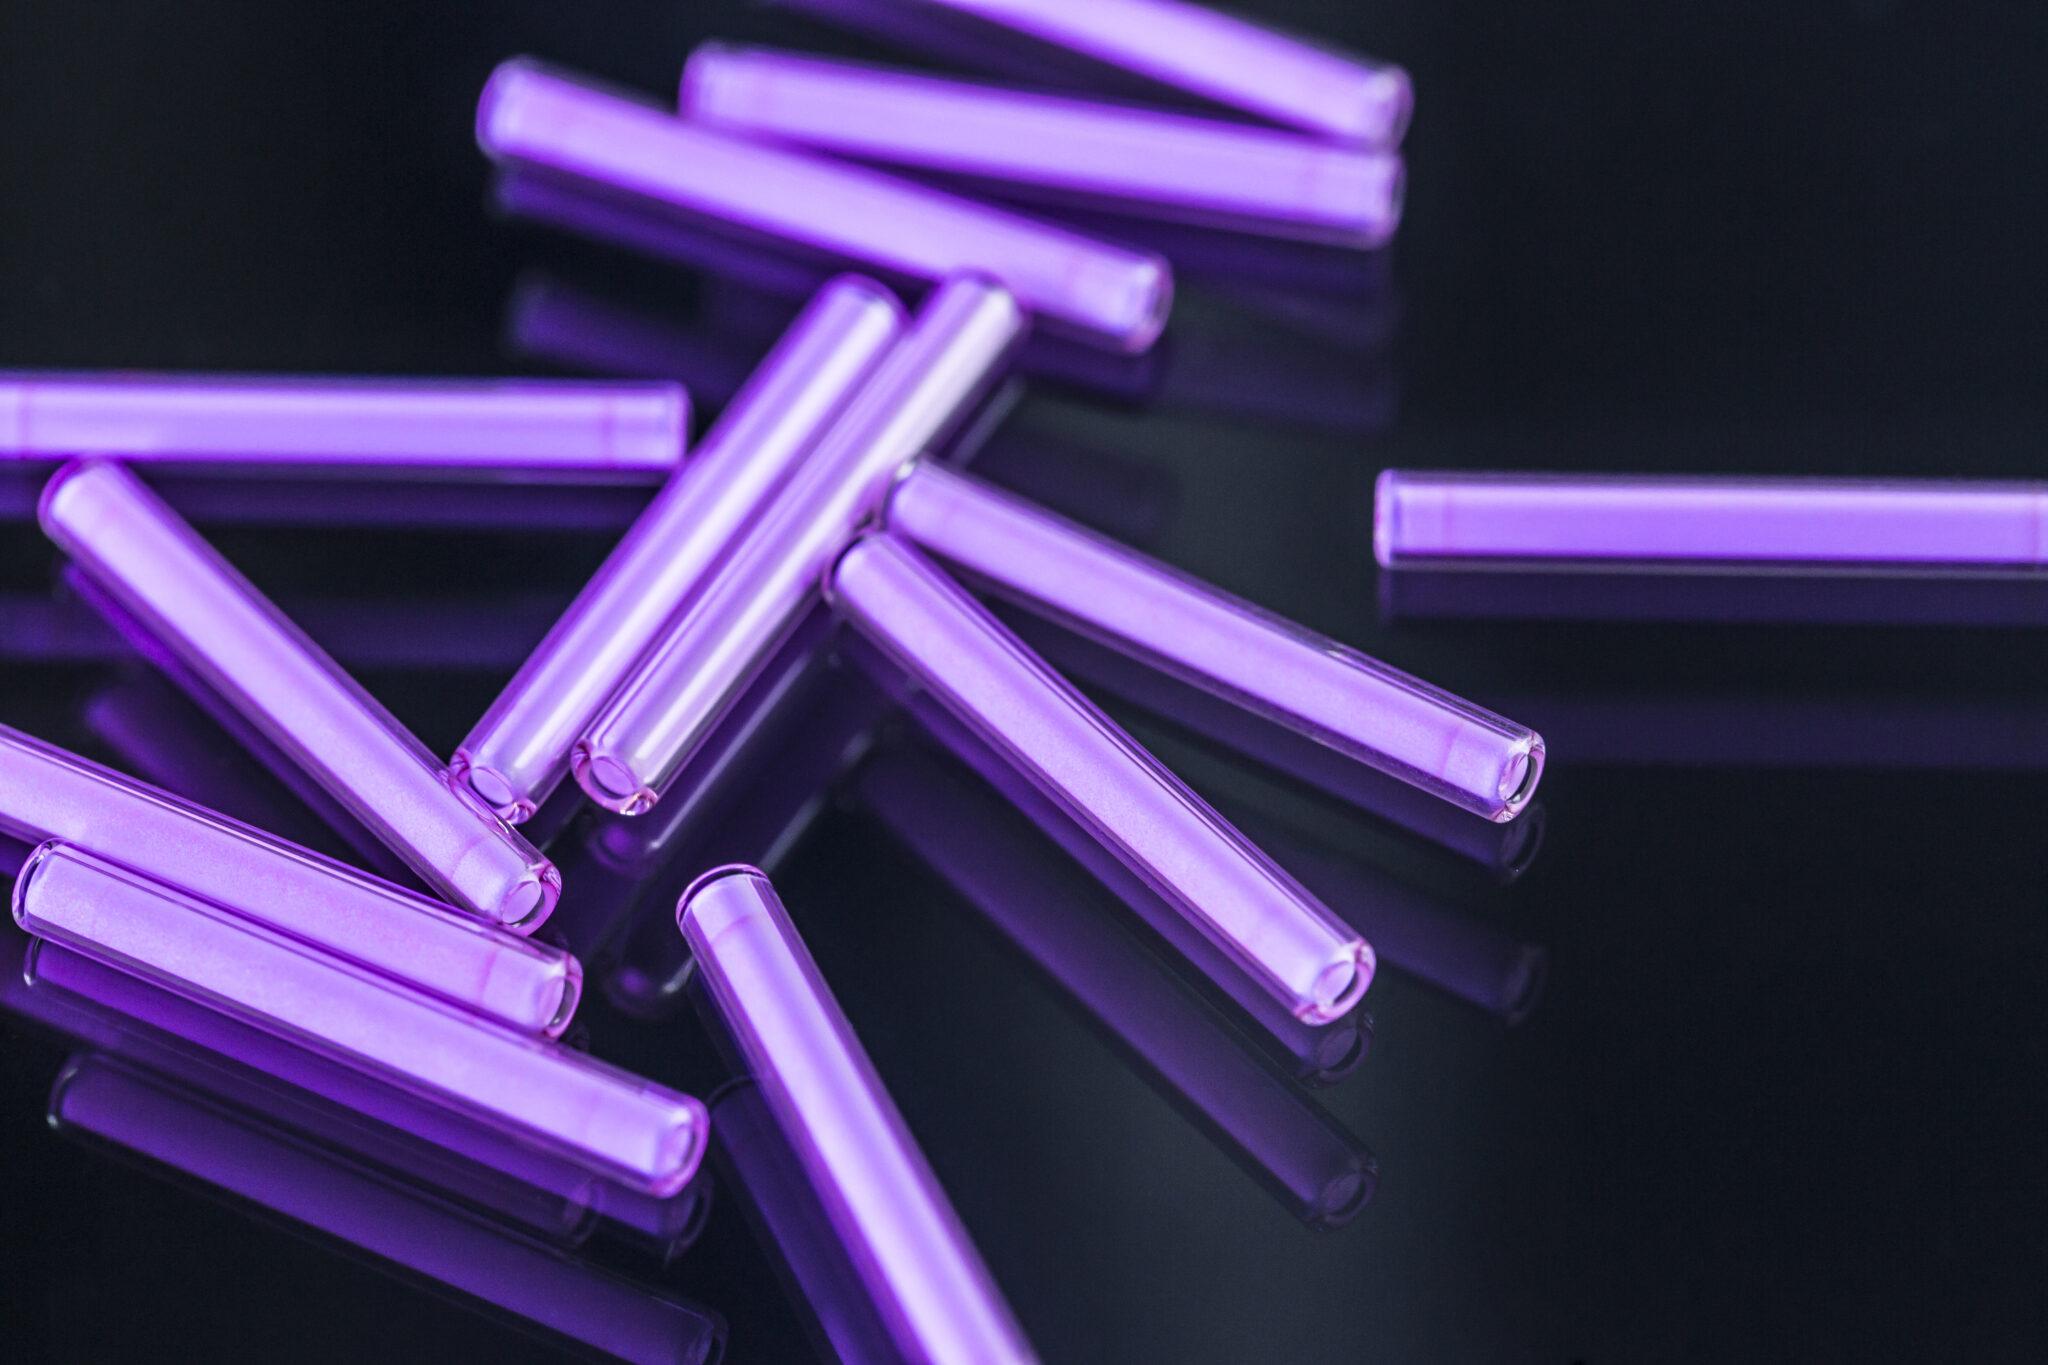 lila leuchtende Tritium-Röhrchen aus der Nähe